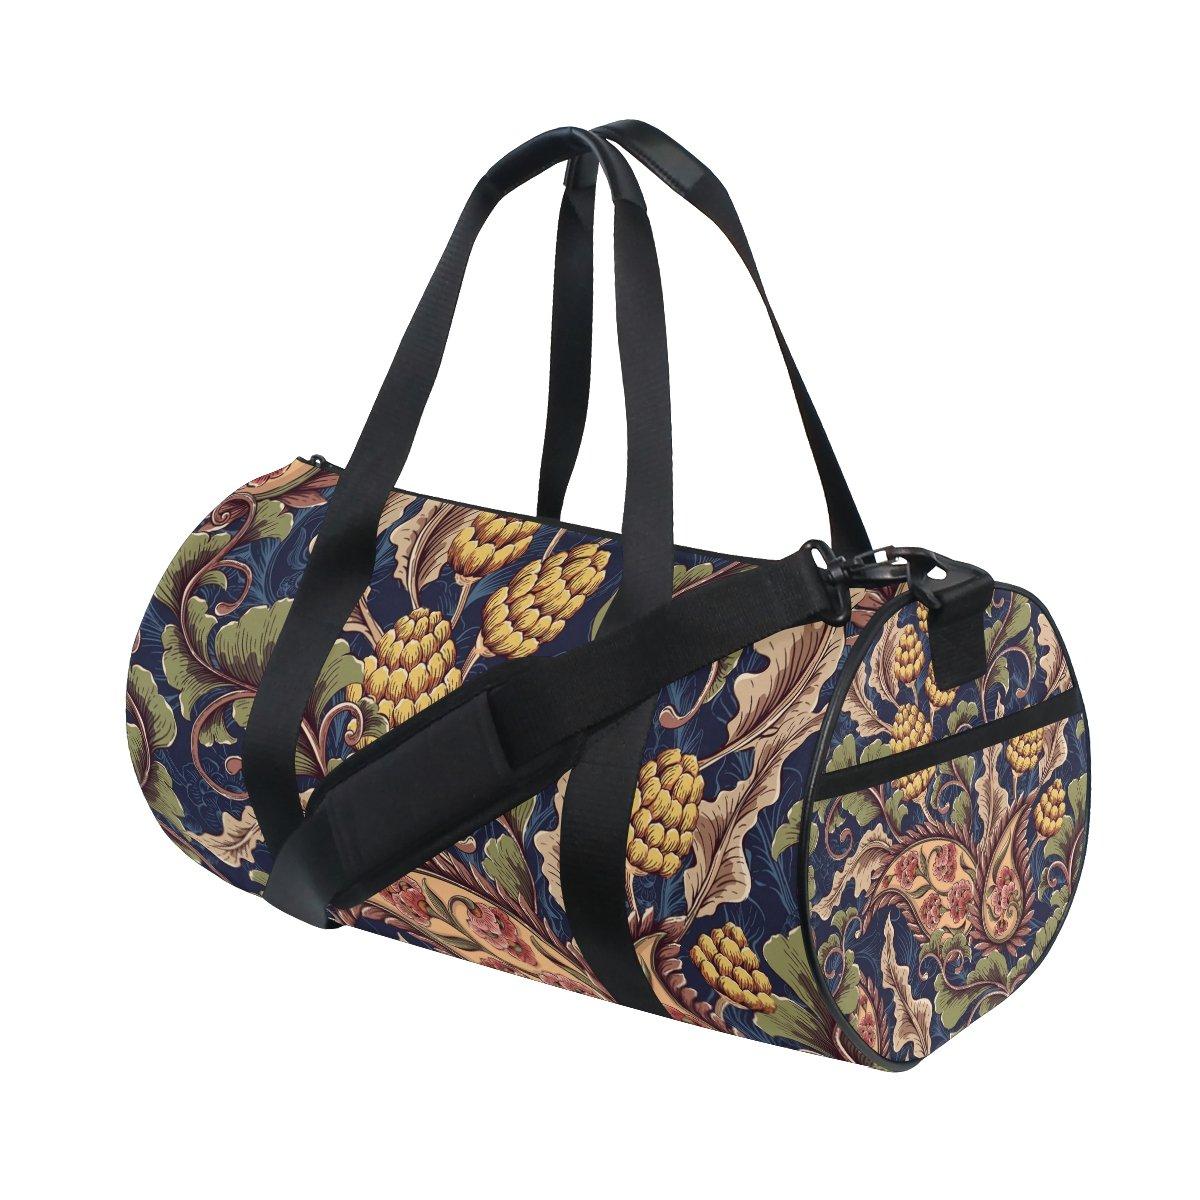 Gym Sports Bag Vintage Flower Floral Travel Duffel Bag for Men and Women